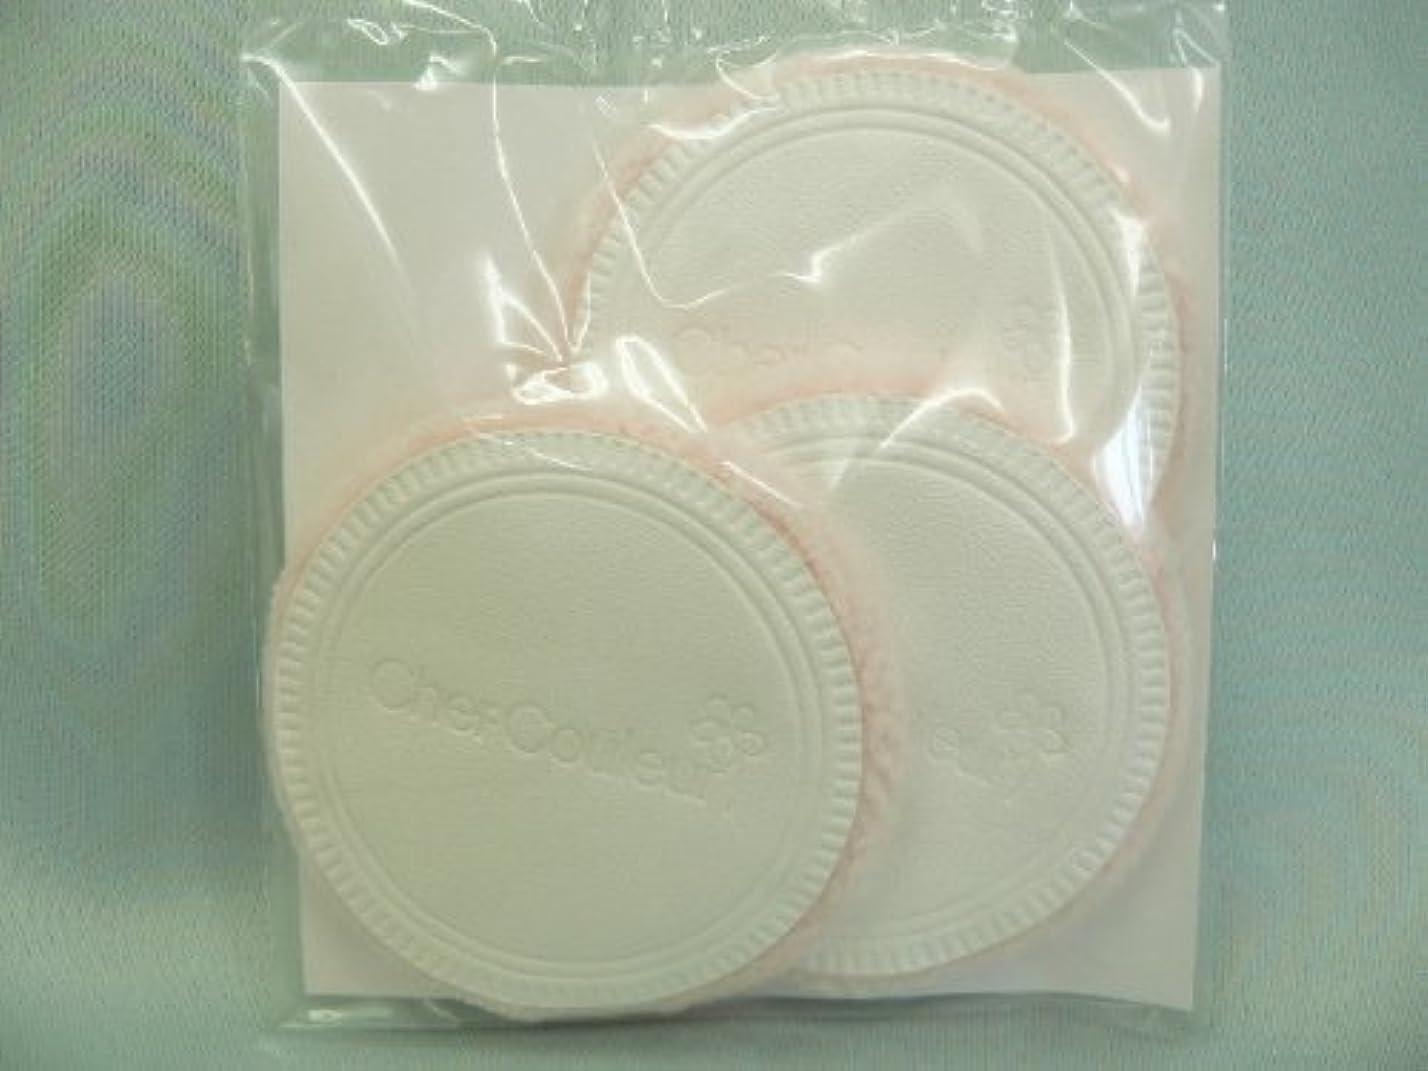 損なうベジタリアン勝者シェルクルール化粧品プロテクトパウダー専用ケース(パフ付き)